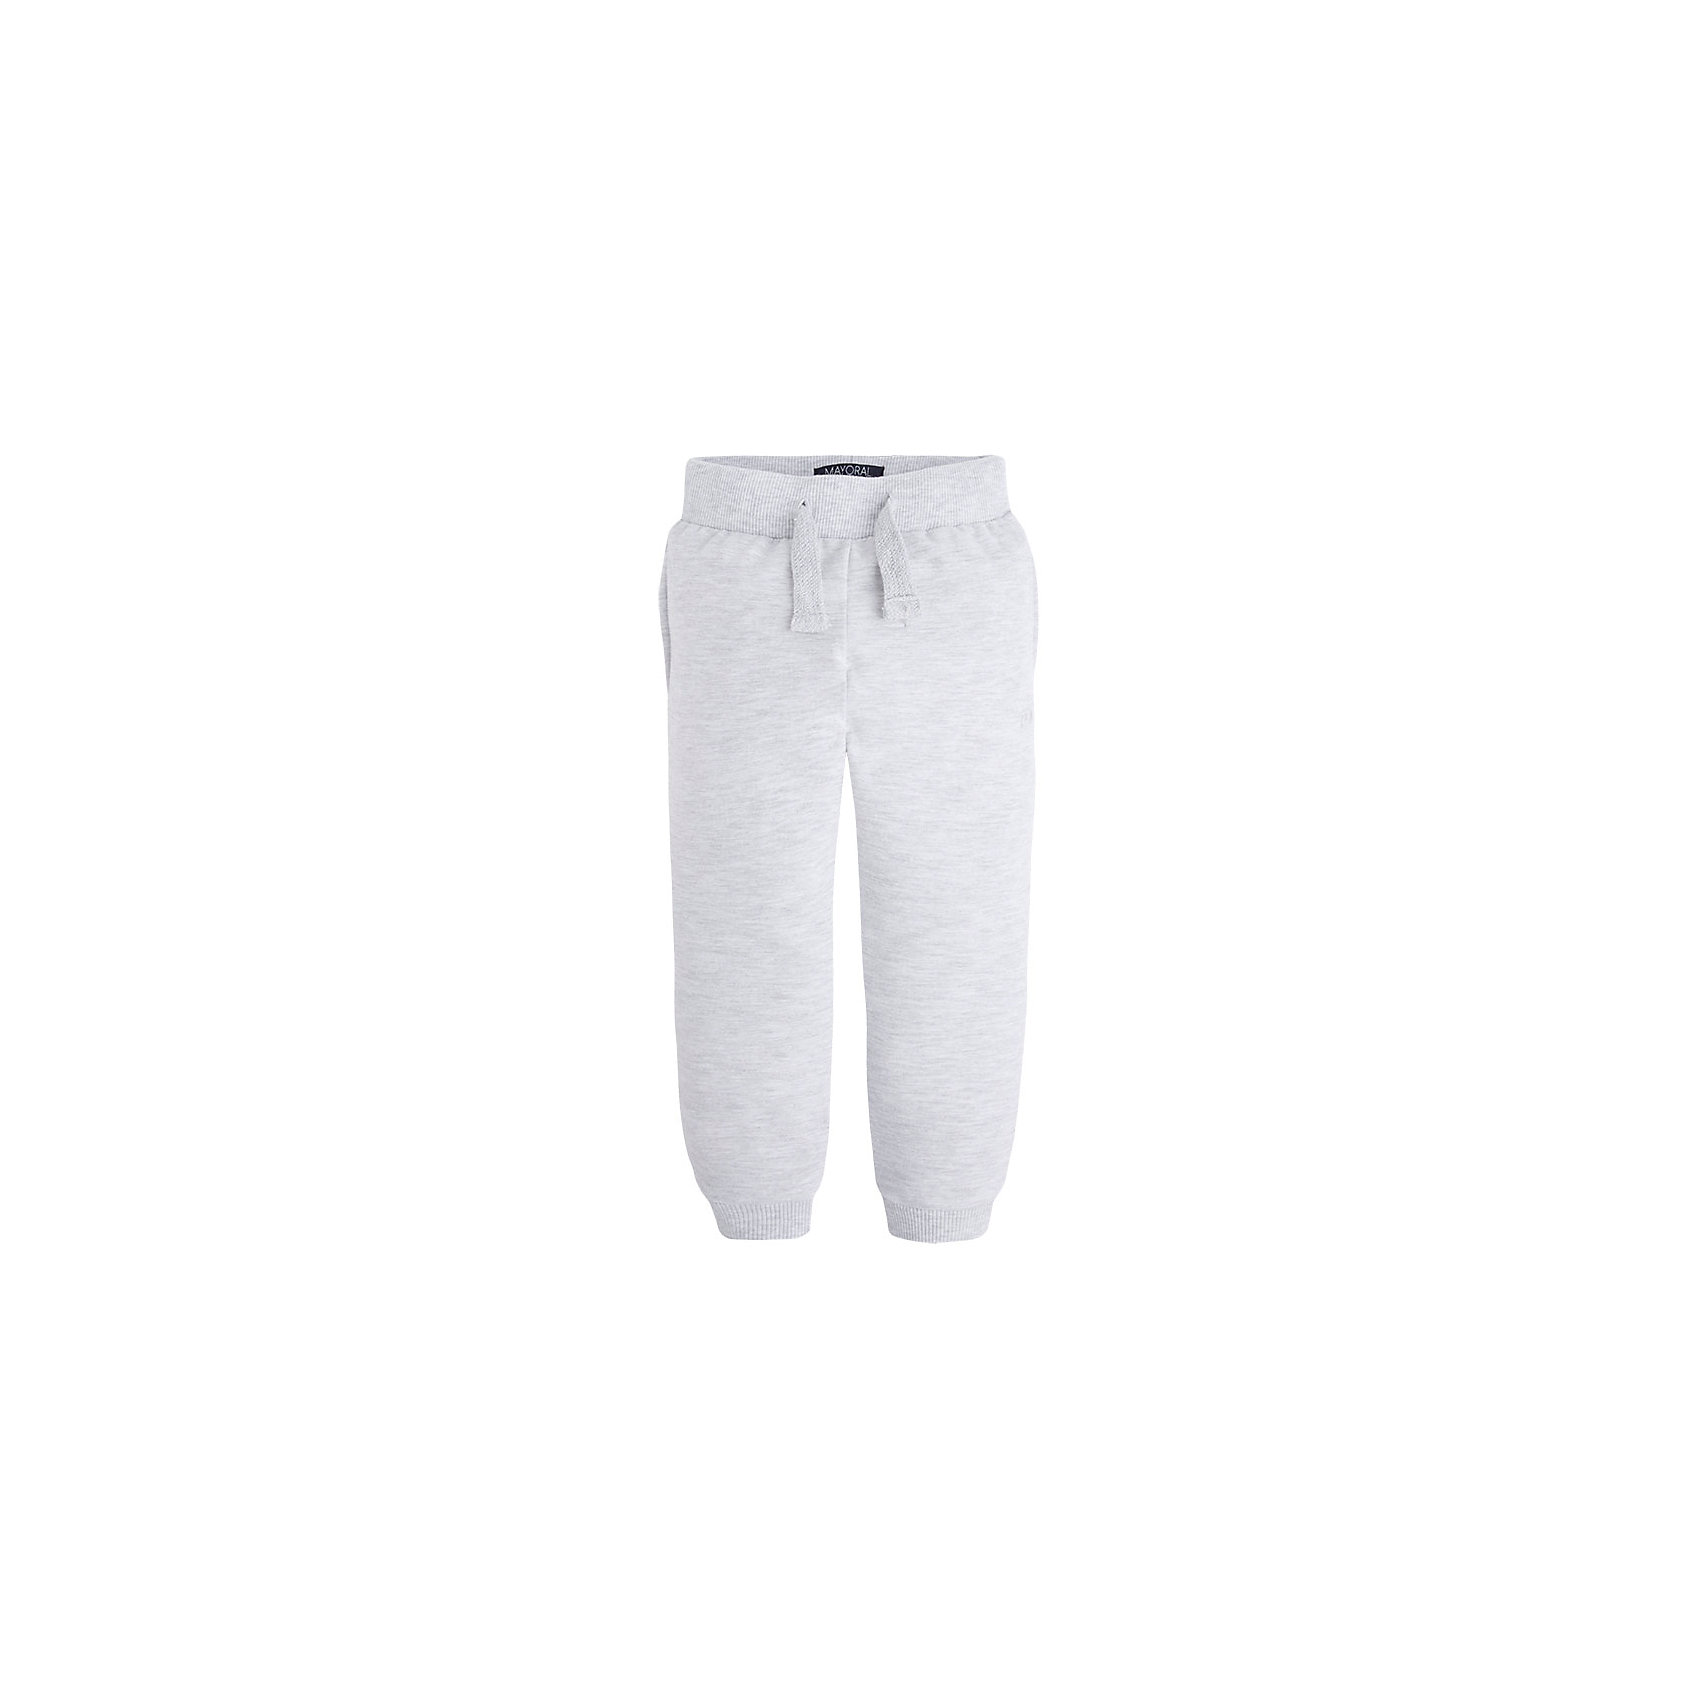 Mayoral Спортивные брюки для мальчика Mayoral trybeyond брюки для мальчика 999 82496 00 45a серый trybeyond